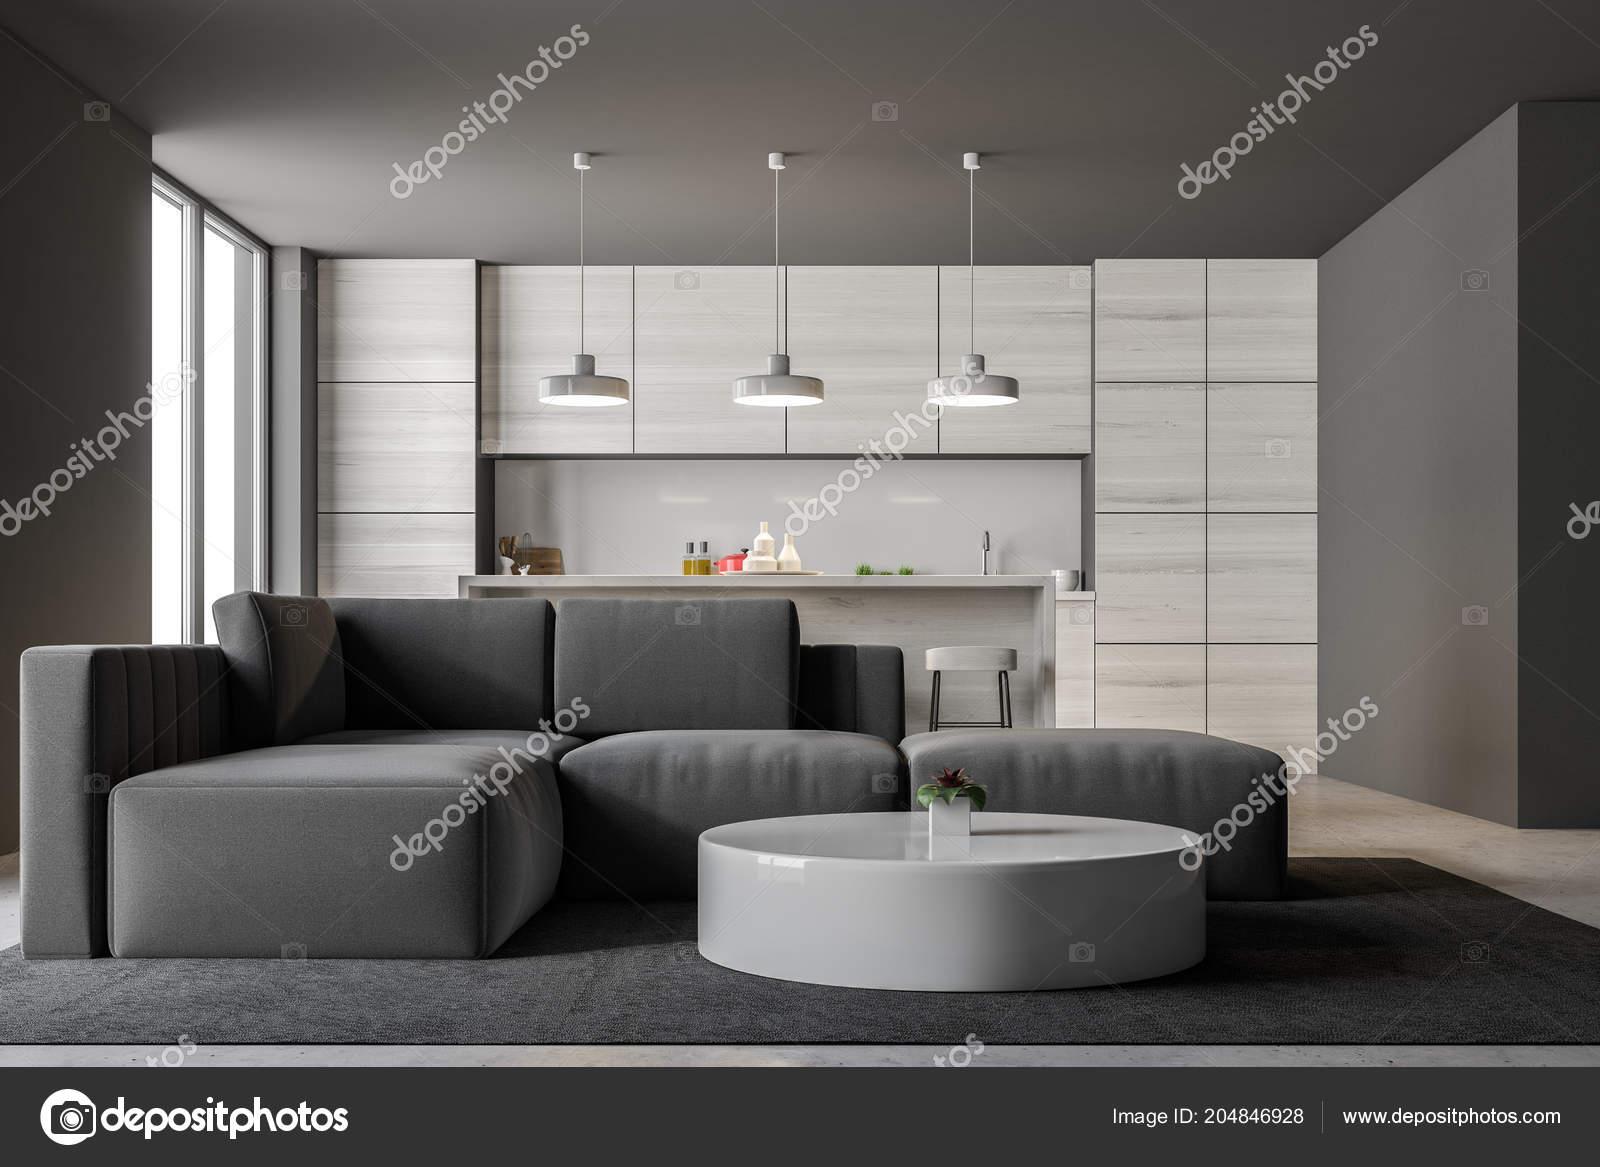 Grigio interiore della cucina con bar loft windows soggiorno con